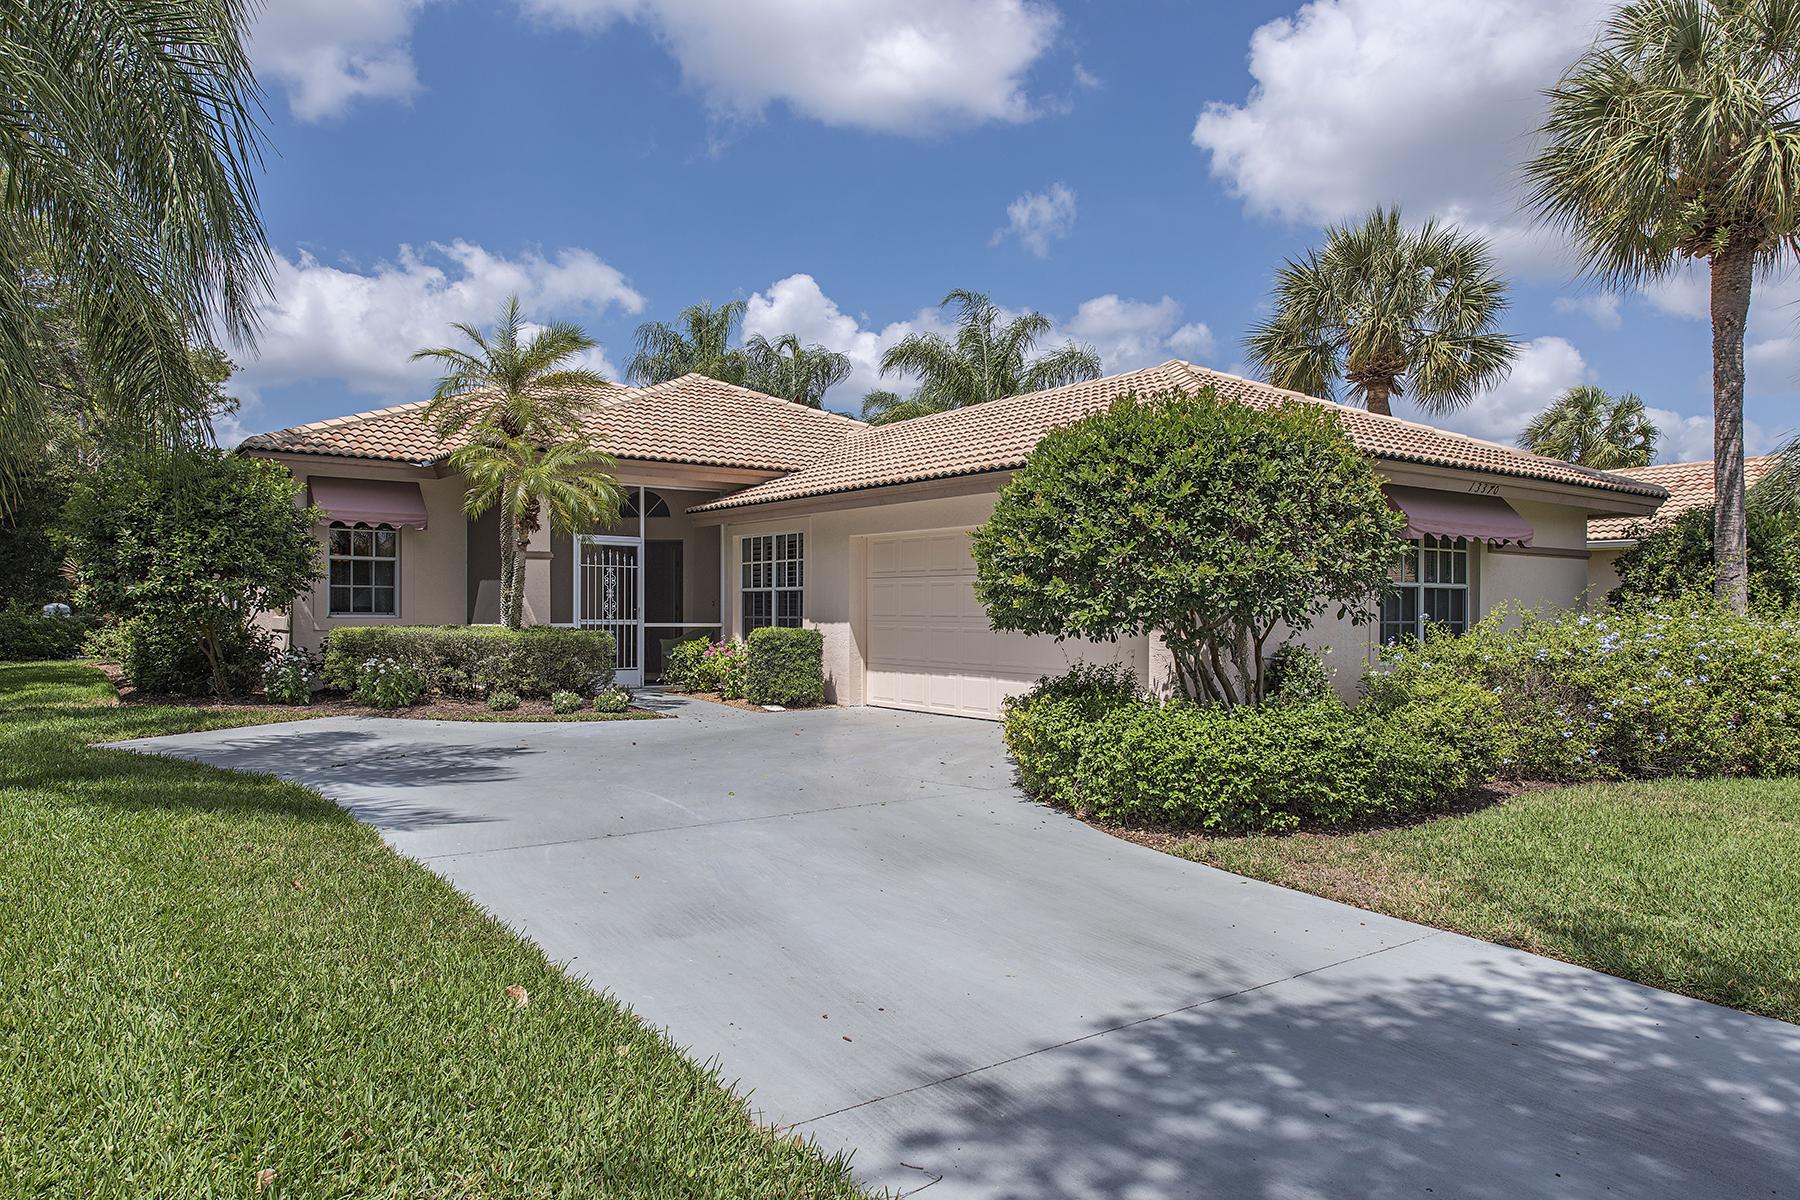 단독 가정 주택 용 매매 에 WORTHINGTON 13370 Southampton Dr Bonita Springs, 플로리다, 34135 미국